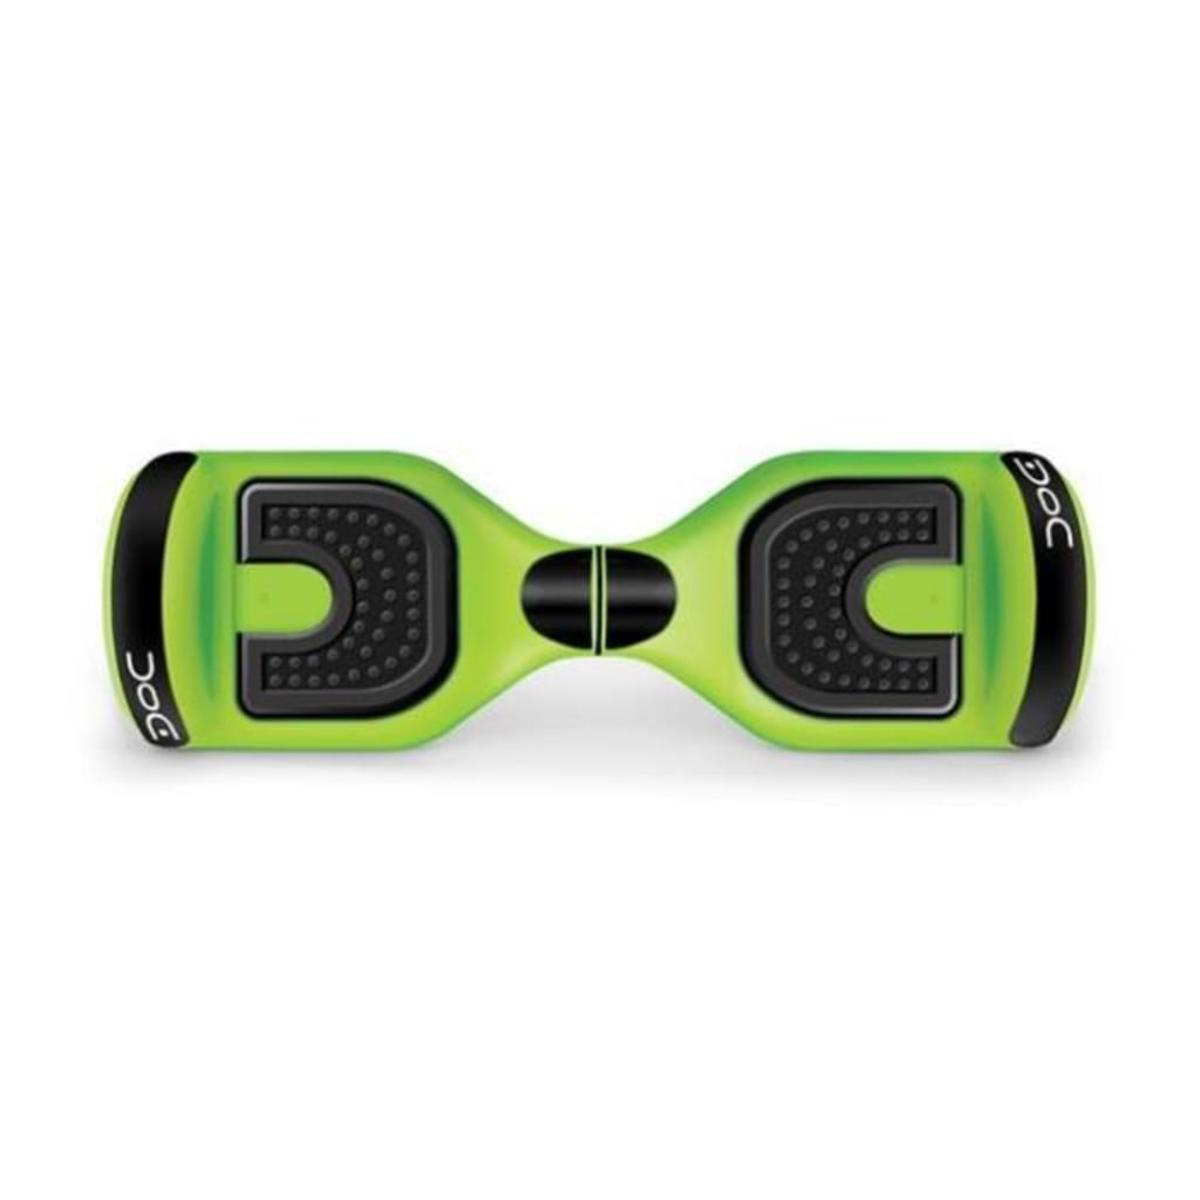 Bild 2 von Nilox DOC E-Balance Board Grün